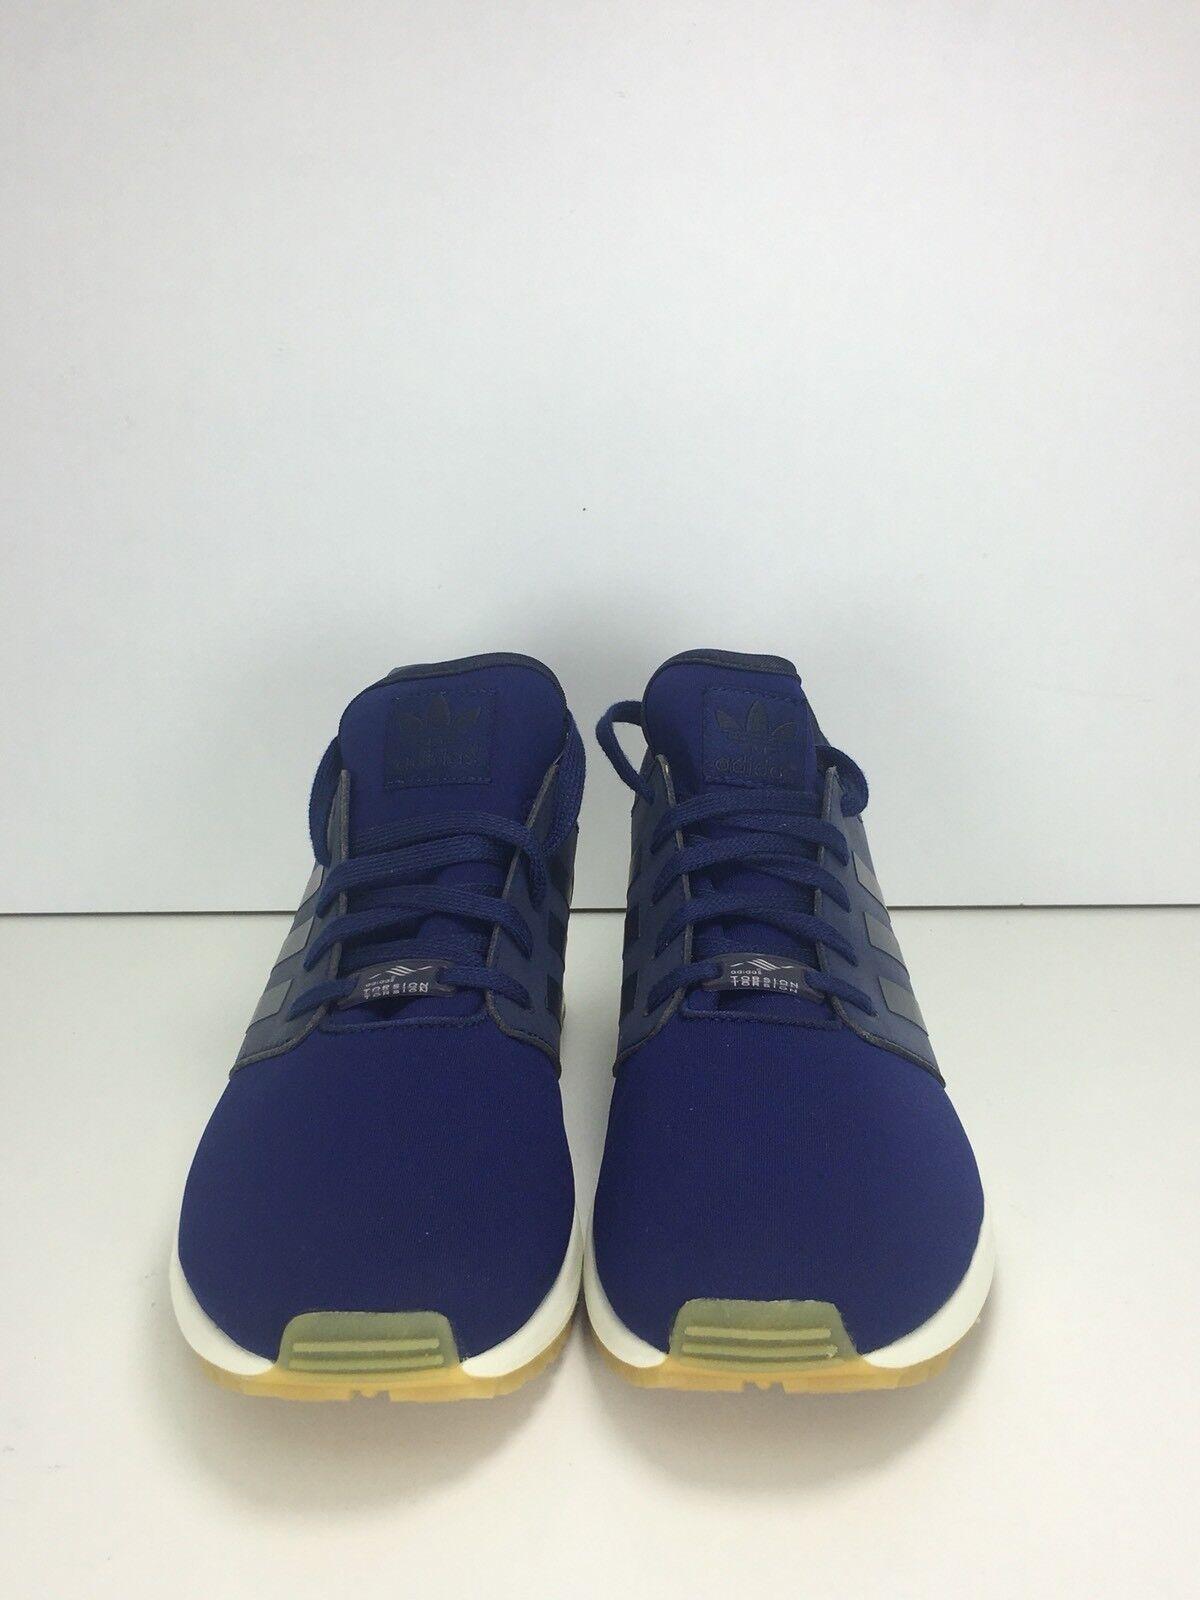 Scarpe n 37, 1     3   2 adidas zx flusso pn 2.0 k scarpe basse   s75587 | Un equilibrio tra robustezza e durezza  | Gentiluomo/Signora Scarpa  2947aa